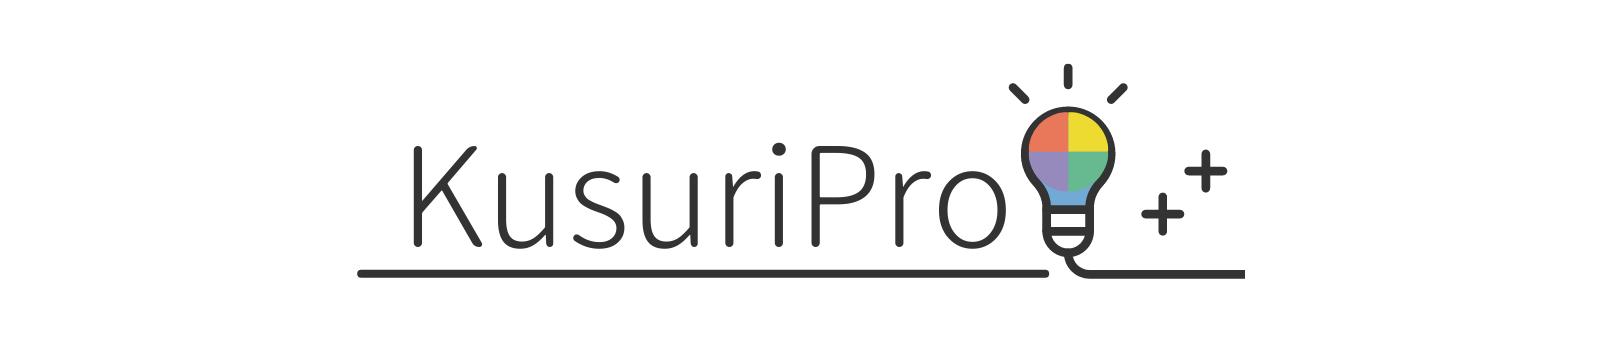 KusuriPro-くすりがわかる!薬剤師ブログ